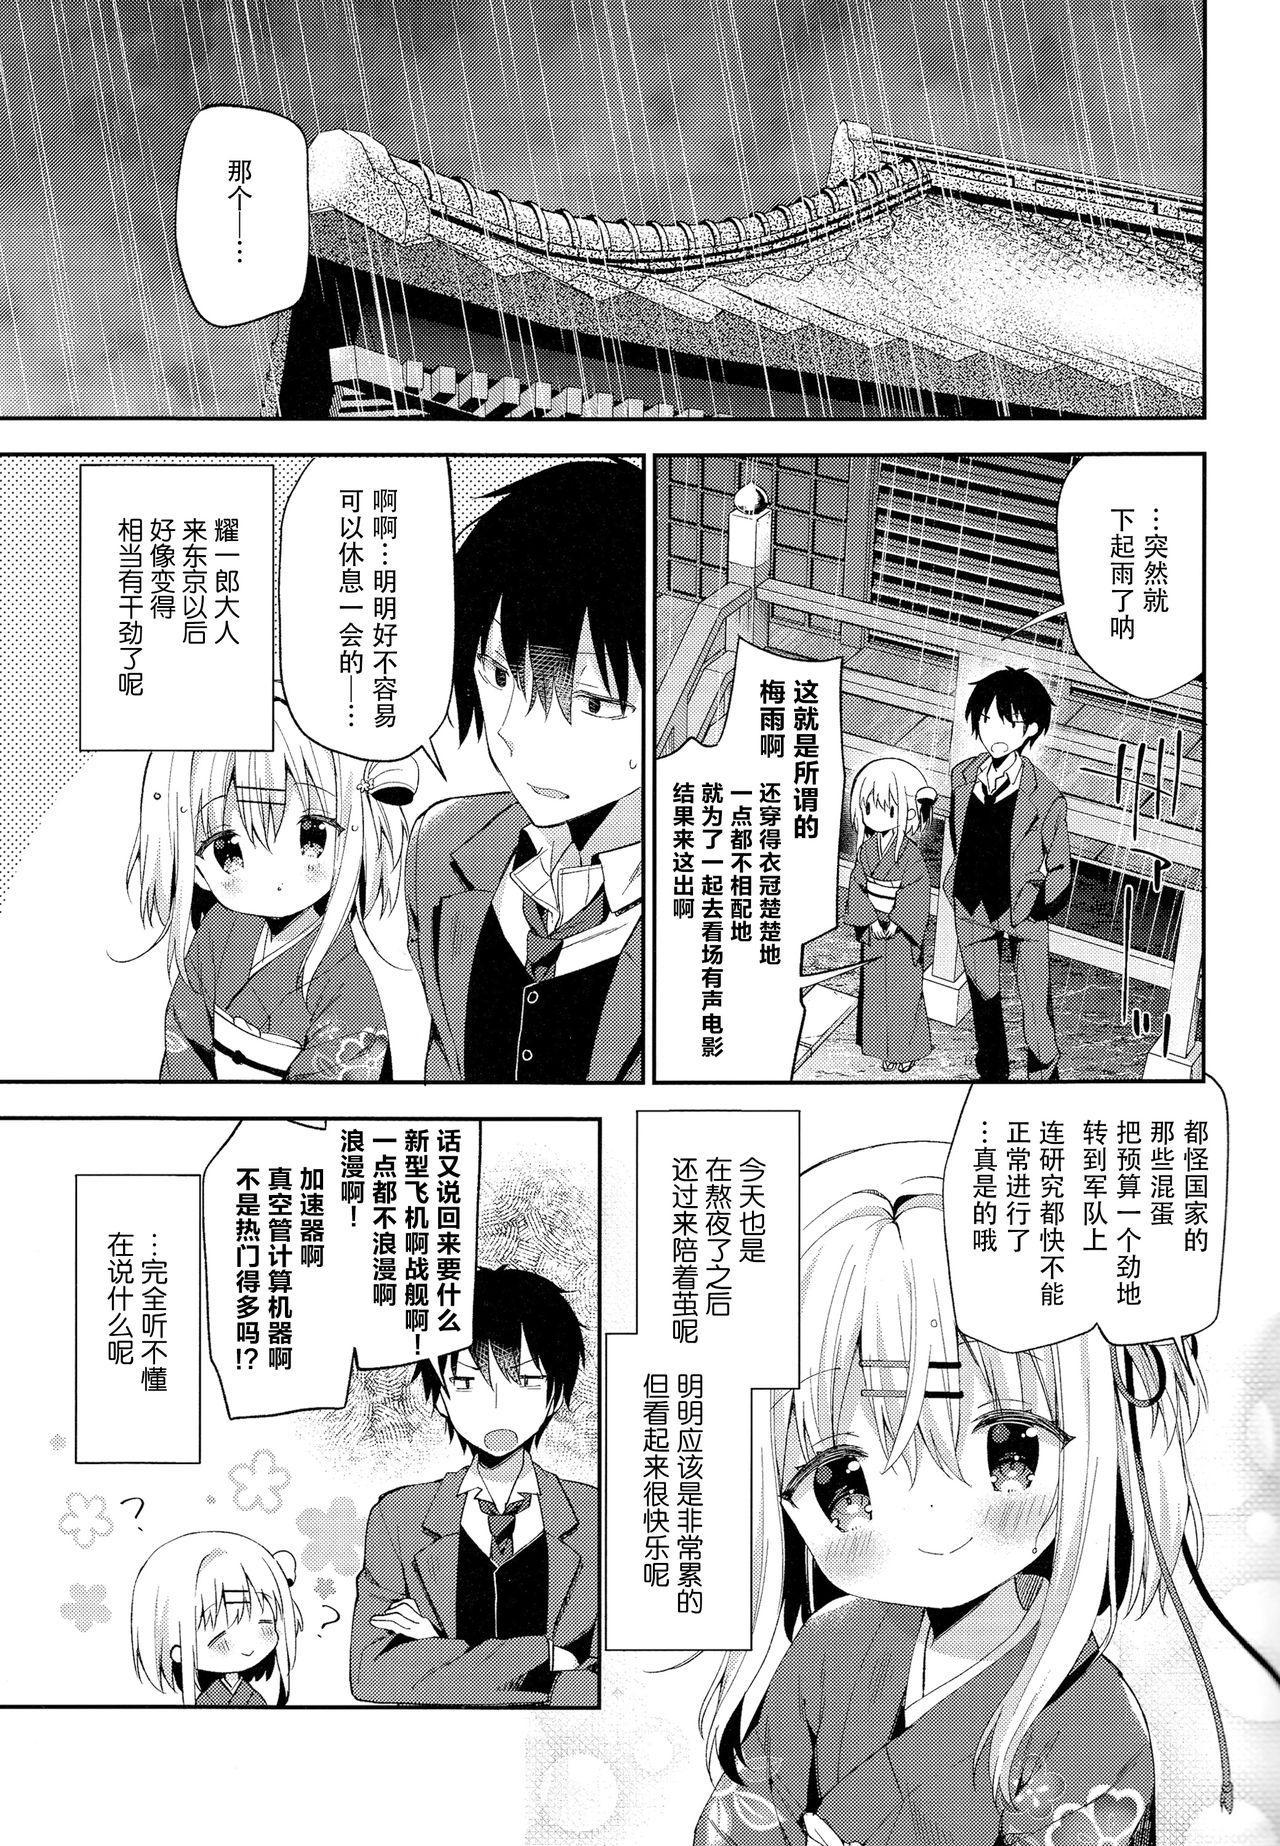 Onnanoko no Mayu 3 10